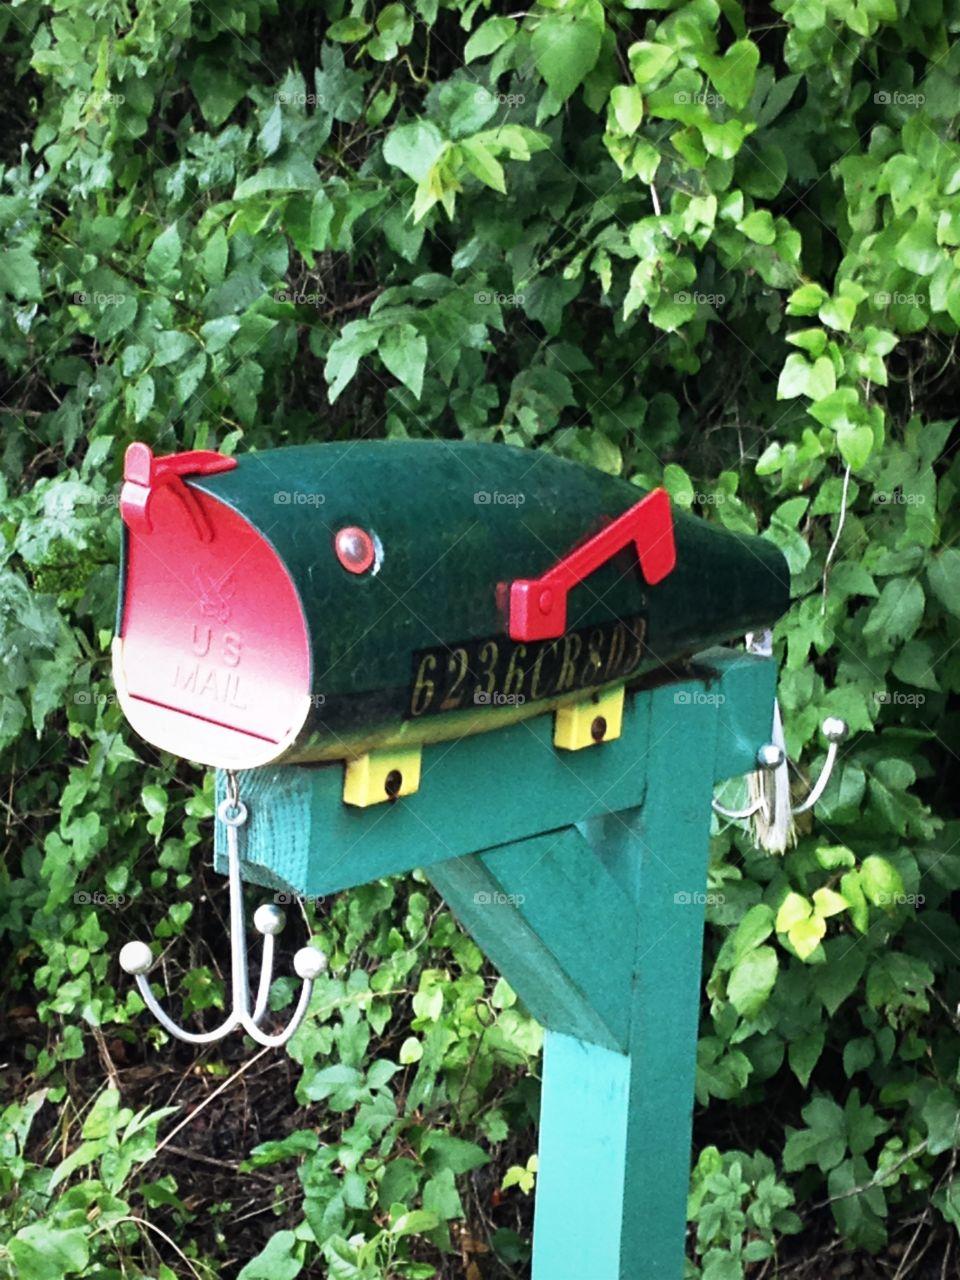 Fishing lure mailbox.